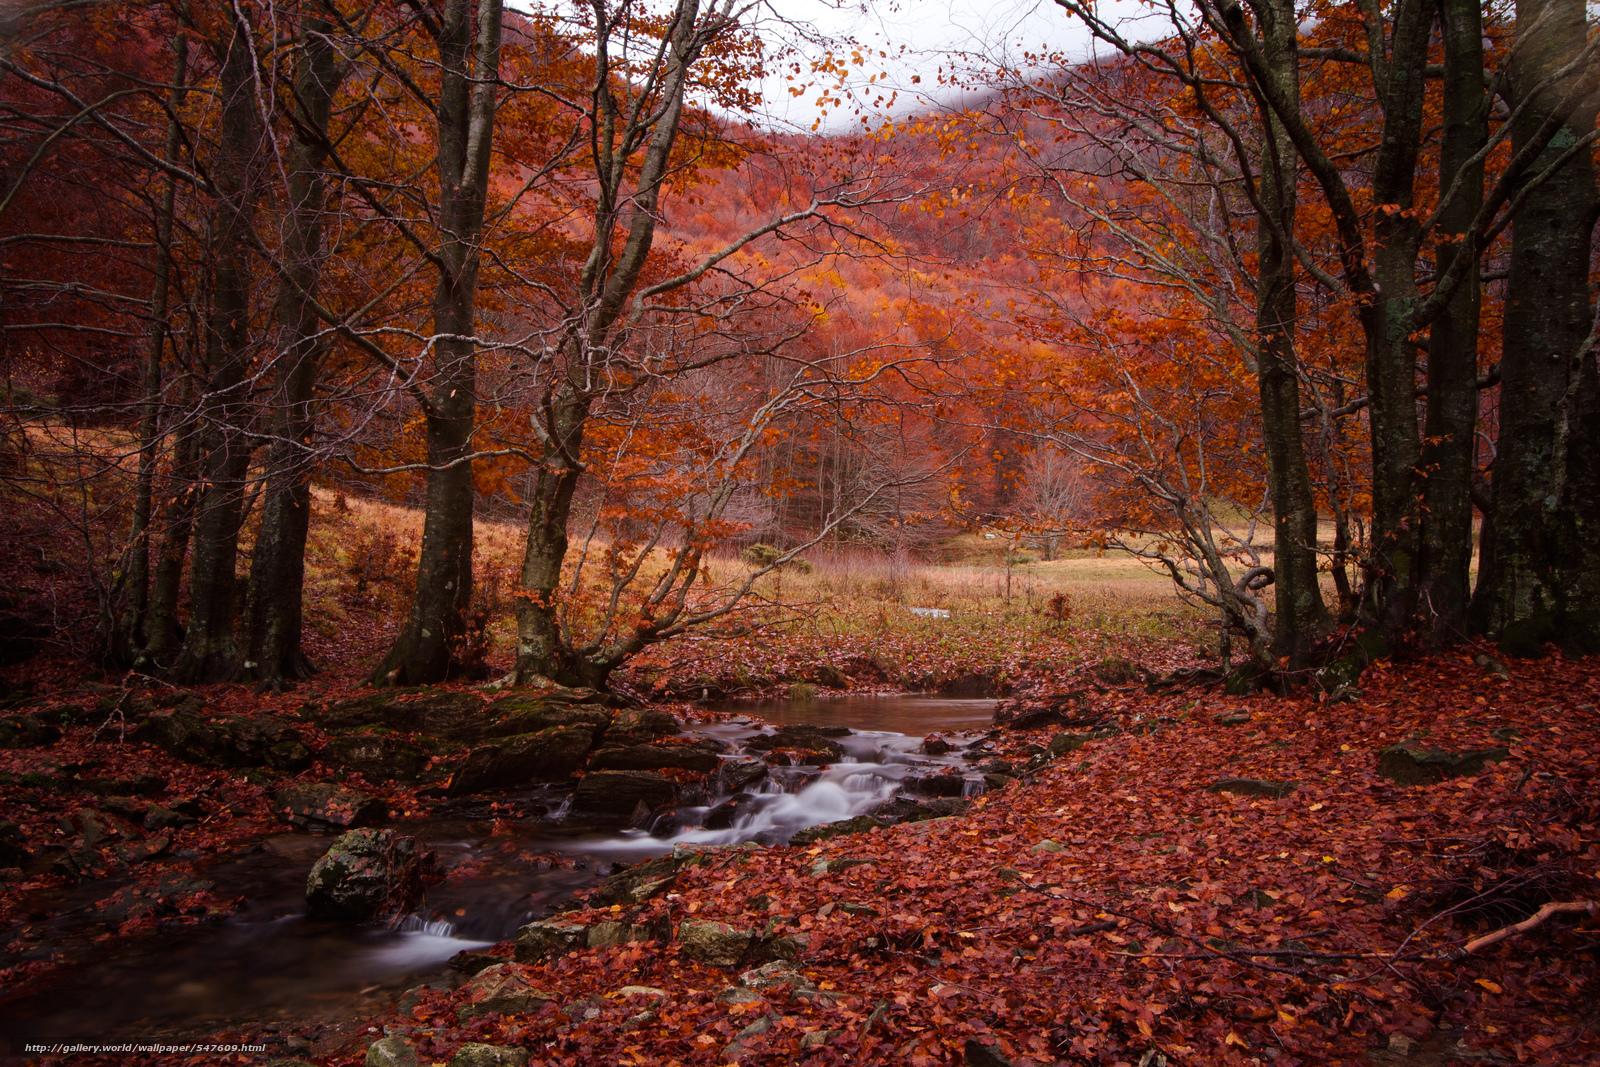 pobra tapety jesień,  las,  drzew,  Niewielka rzeka Darmowe tapety na pulpit rozdzielczoci 4073x2715 — zdjcie №547609